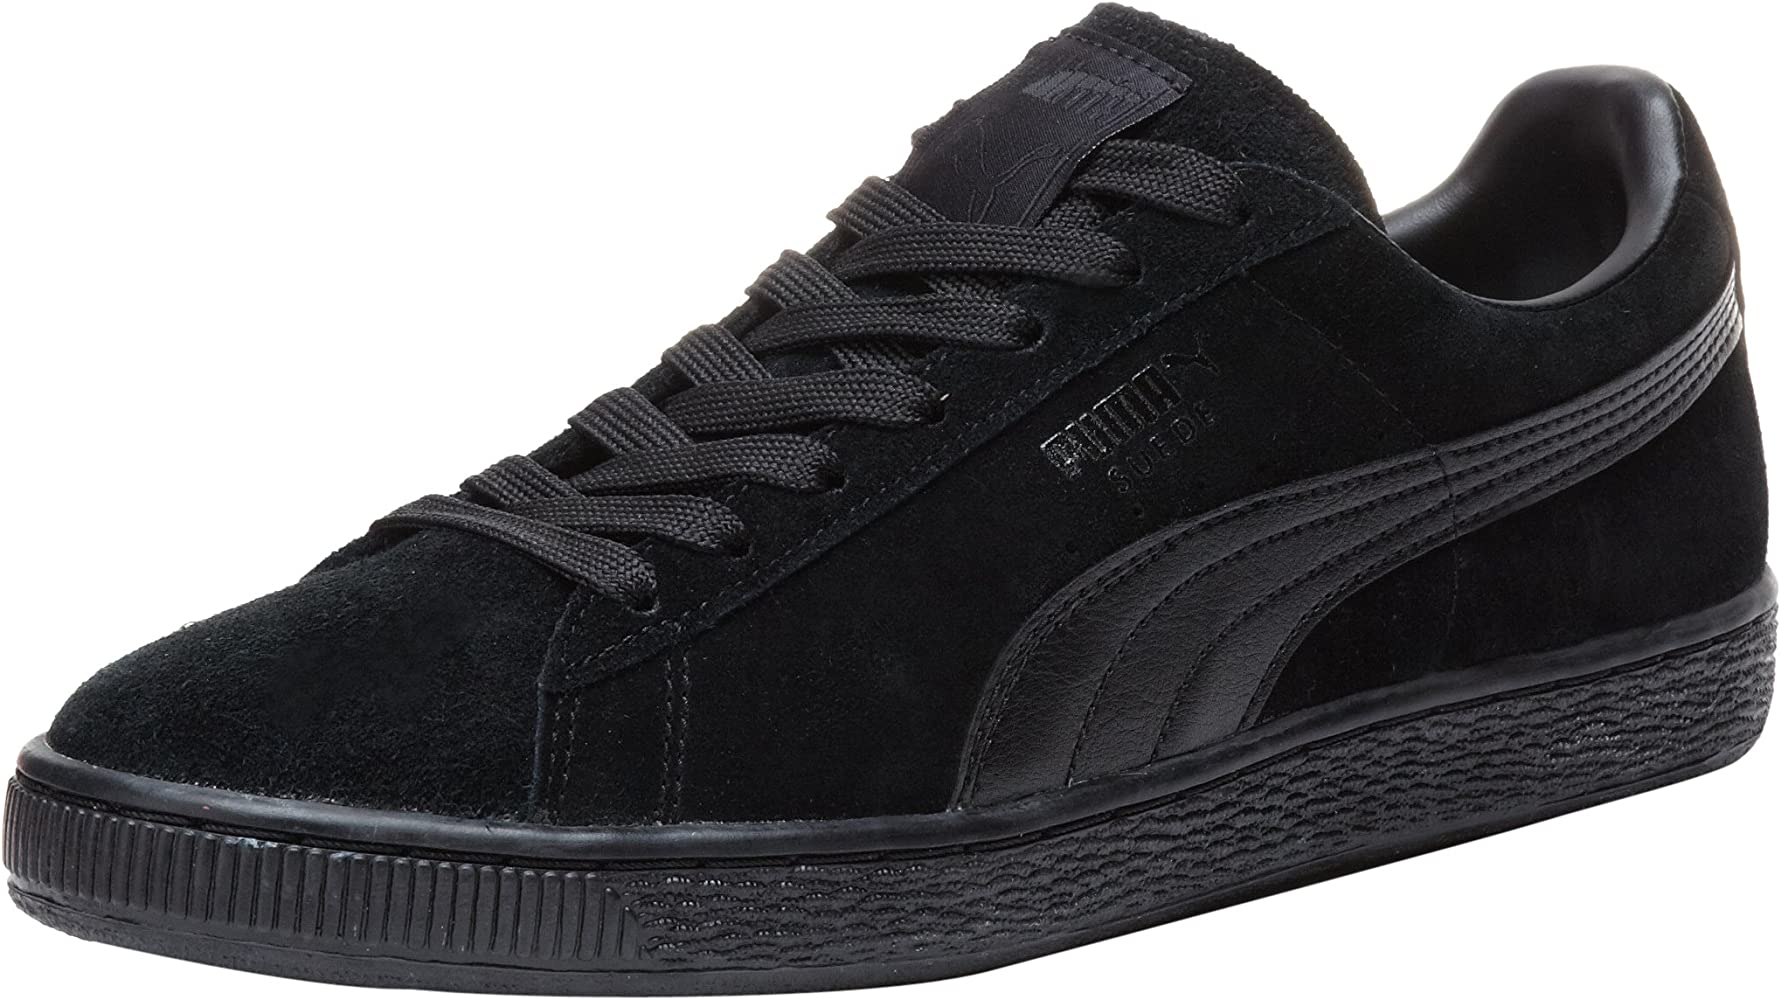 PUMA Suede Suede Classic LFS Sneaker